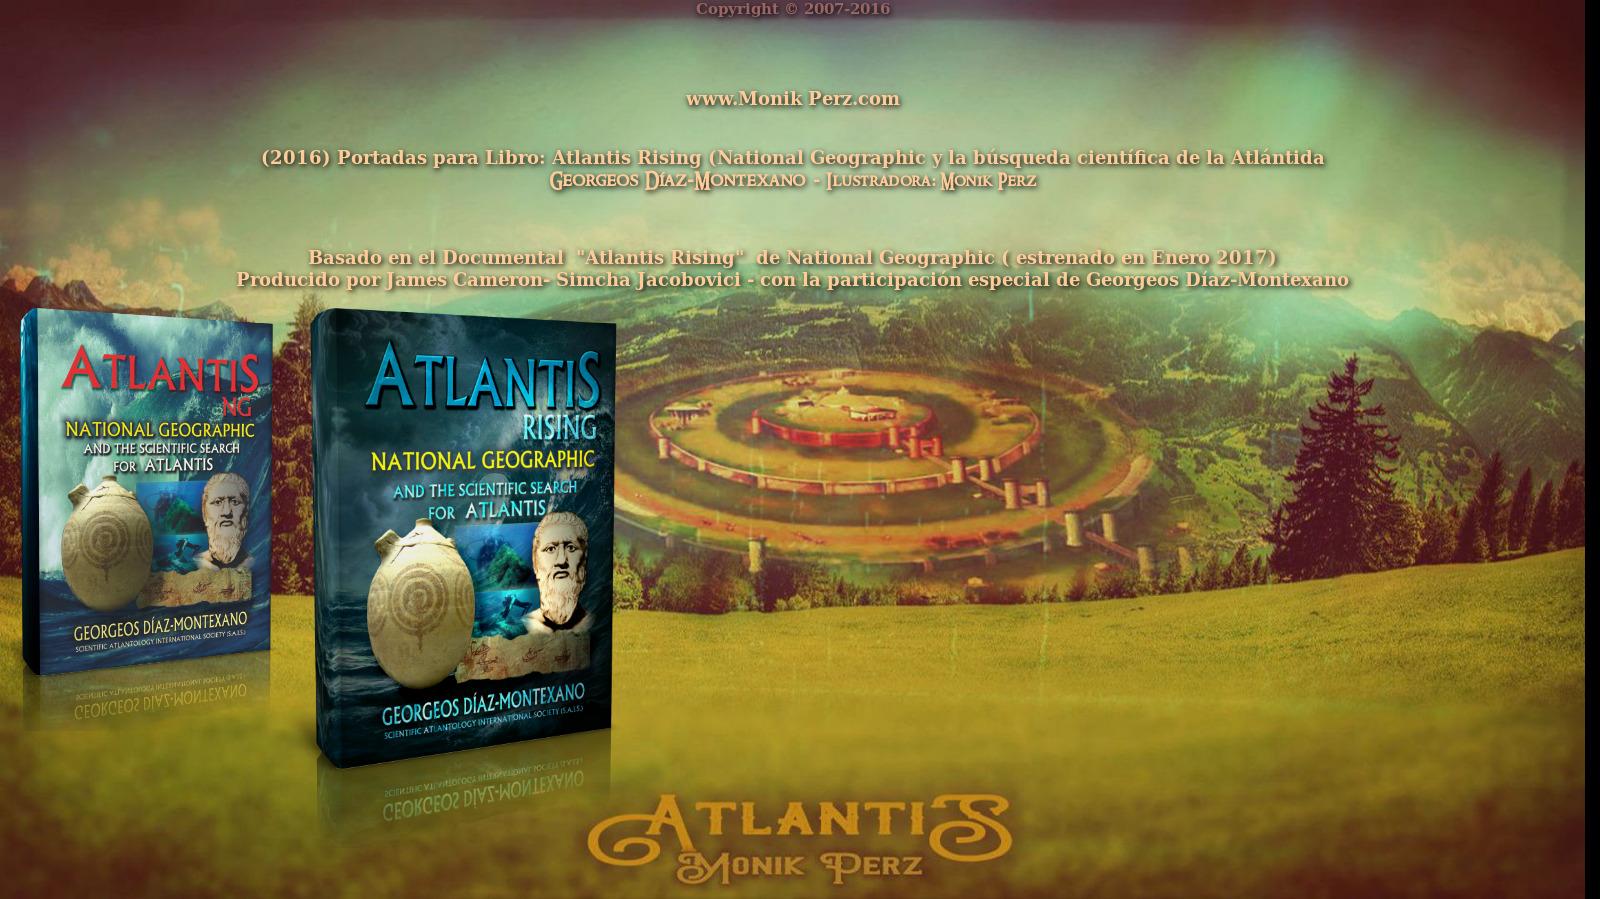 ATLANTIS.NG. El libro de Georgeos Díaz-Montexano. National Geographic y la búsqueda científica de la Atlántida. Póster y diseños de portadas de libros, por Monik Perz (www.MonikPerz.com).